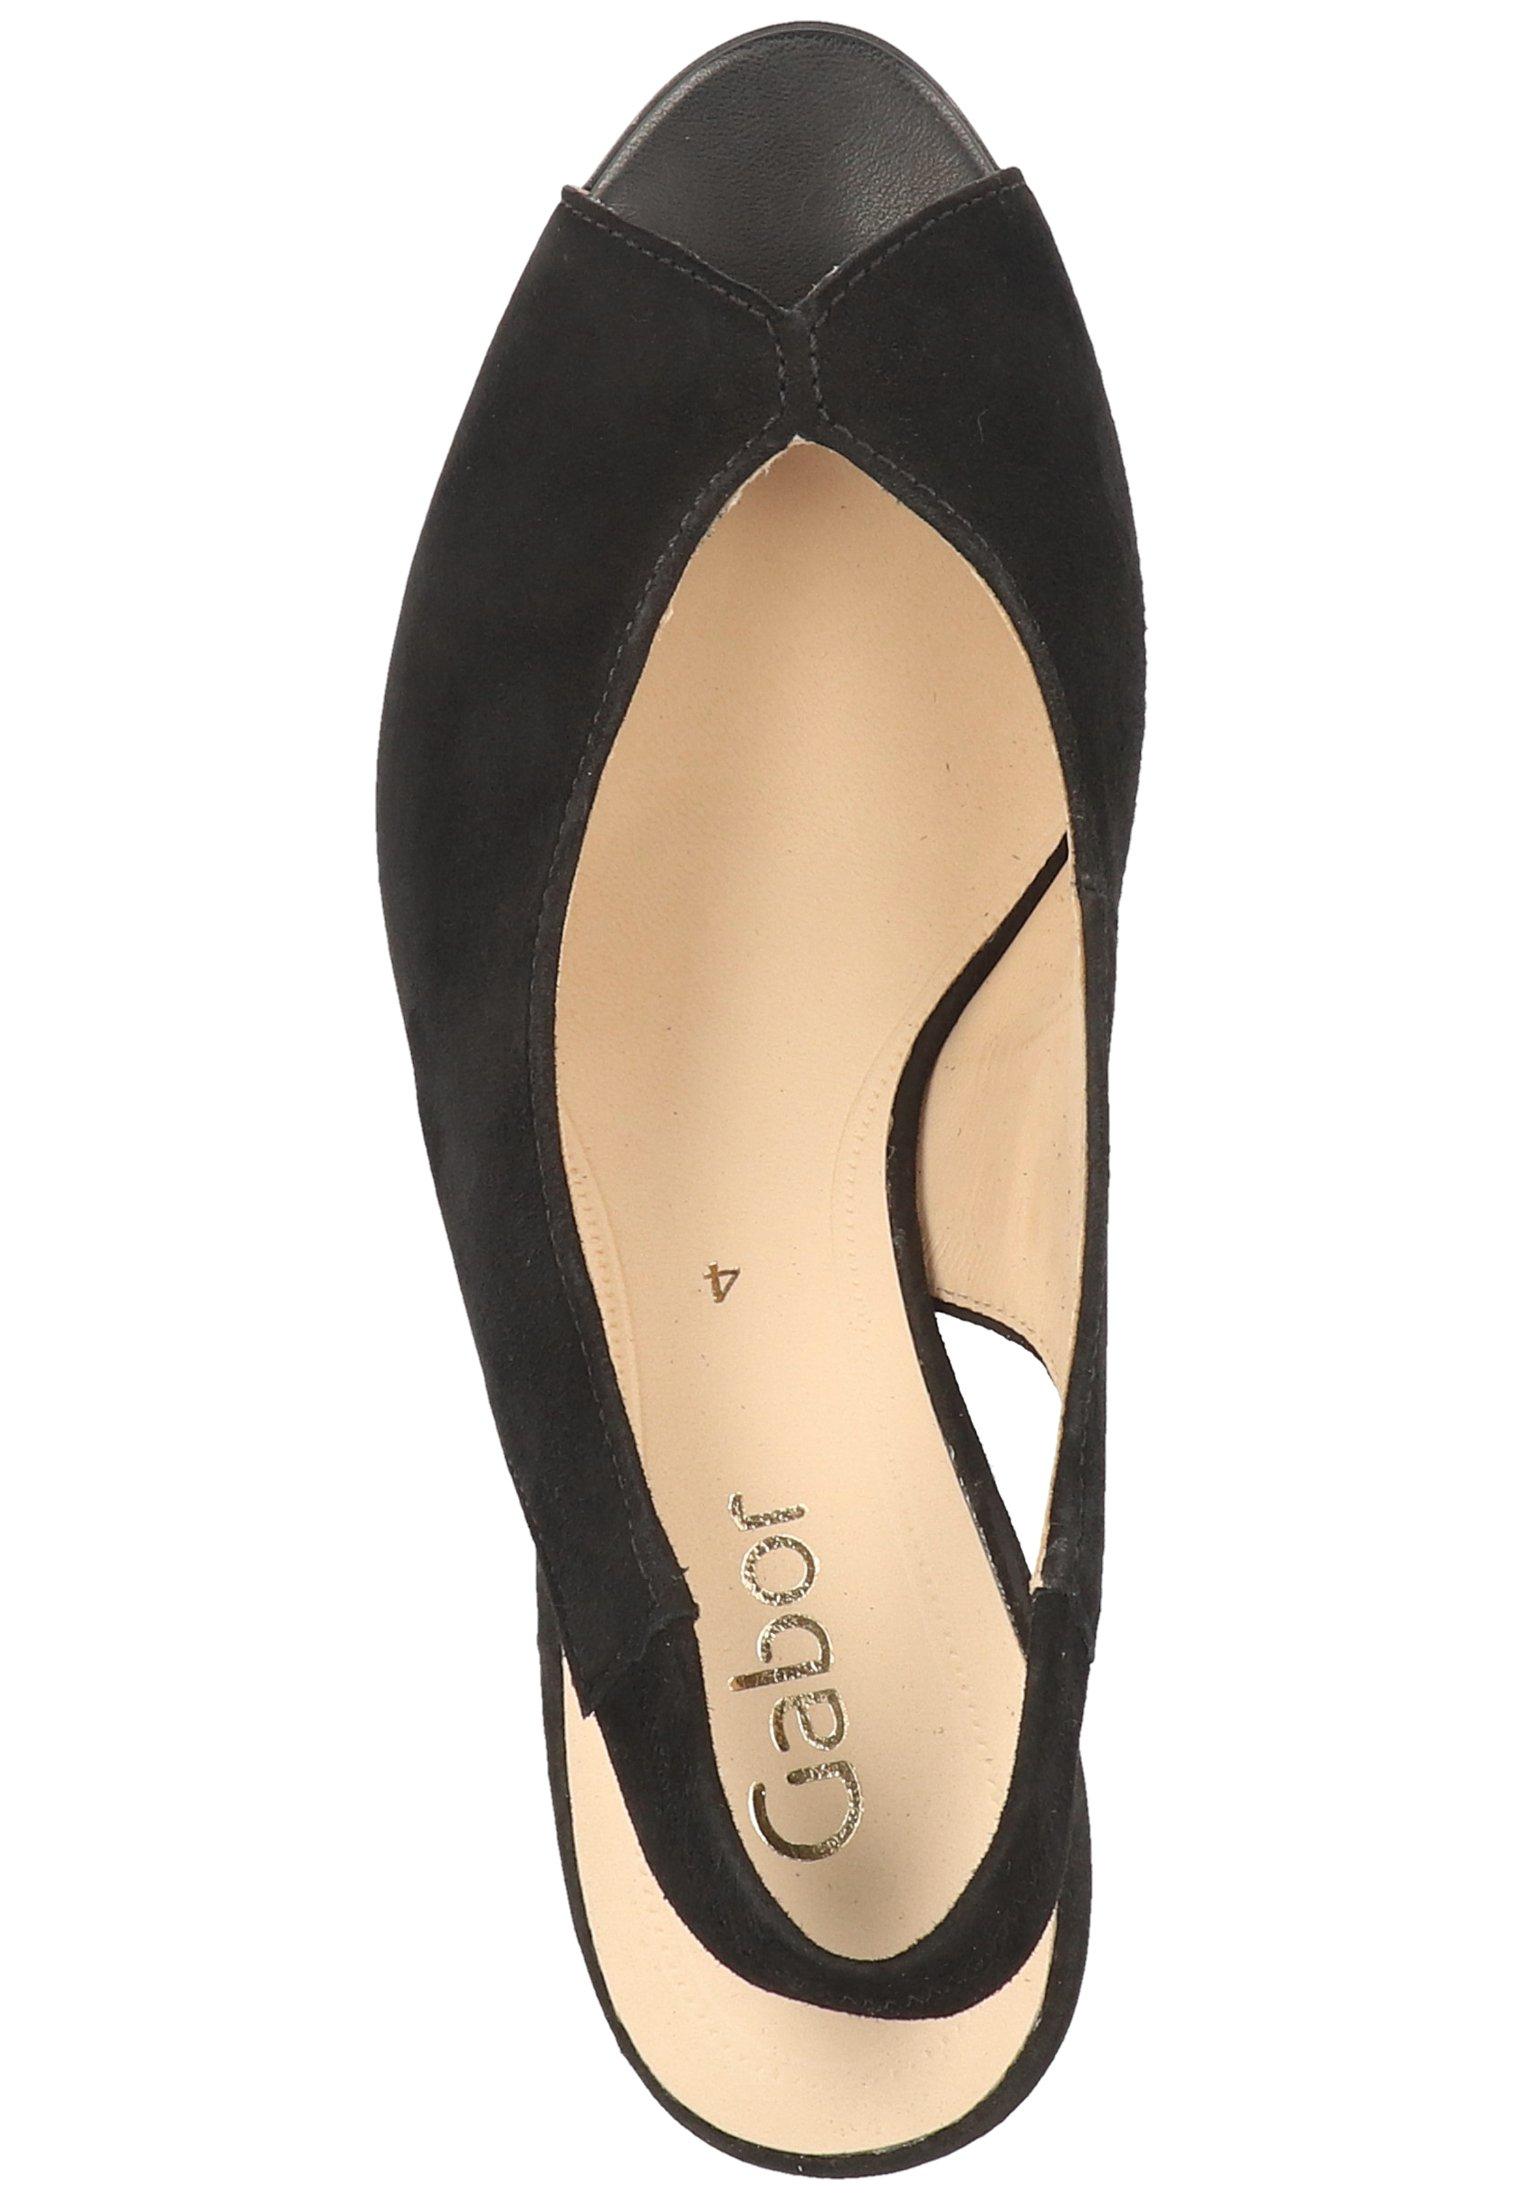 Gabor Peep-toes - black